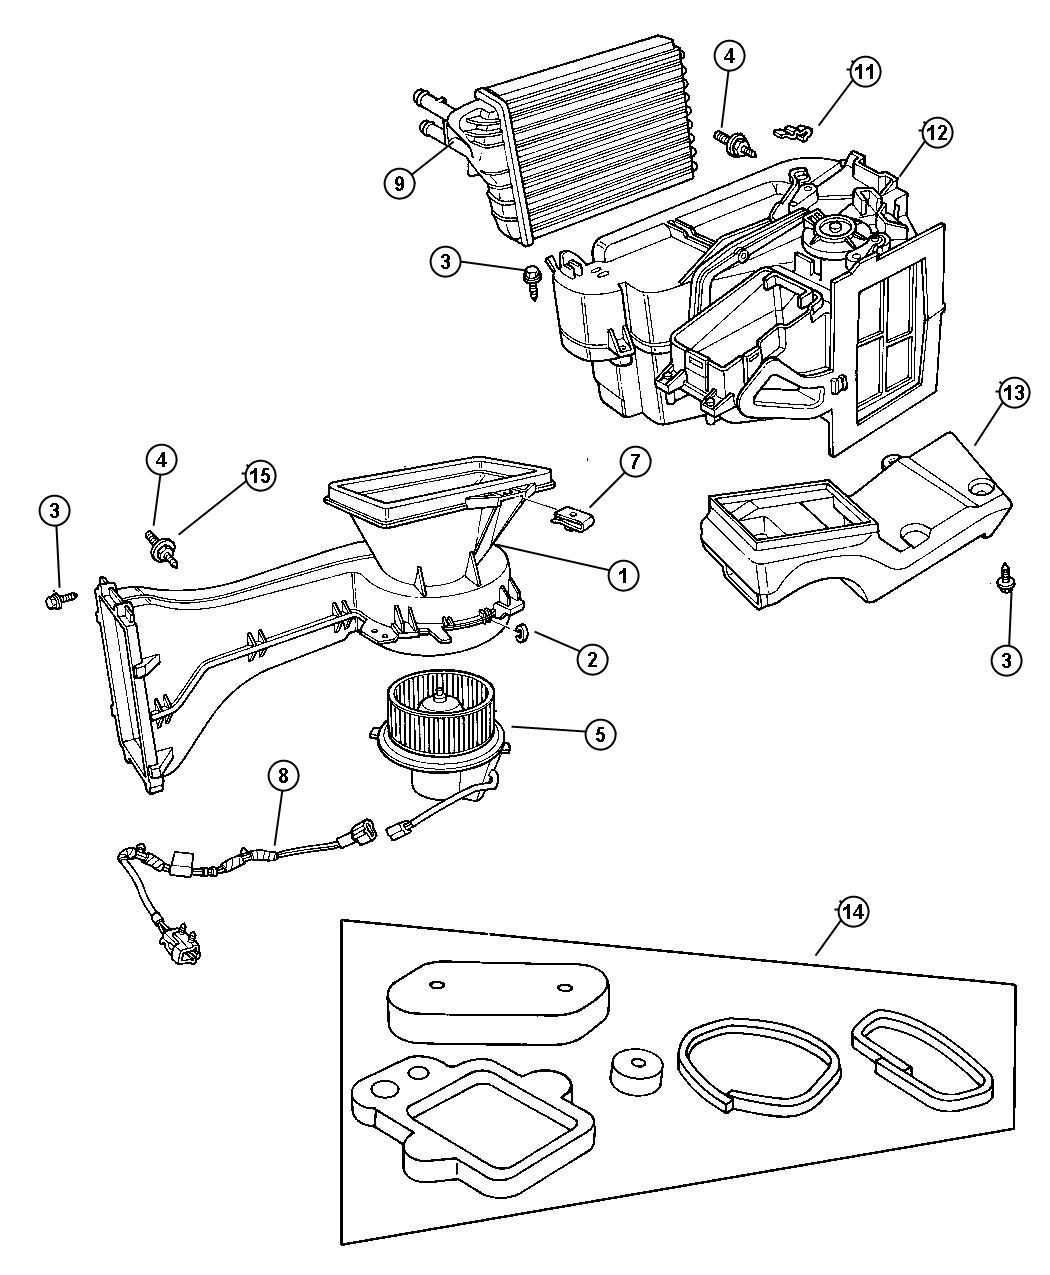 Chrysler Pt Cruiser Motor Blower With Wheel